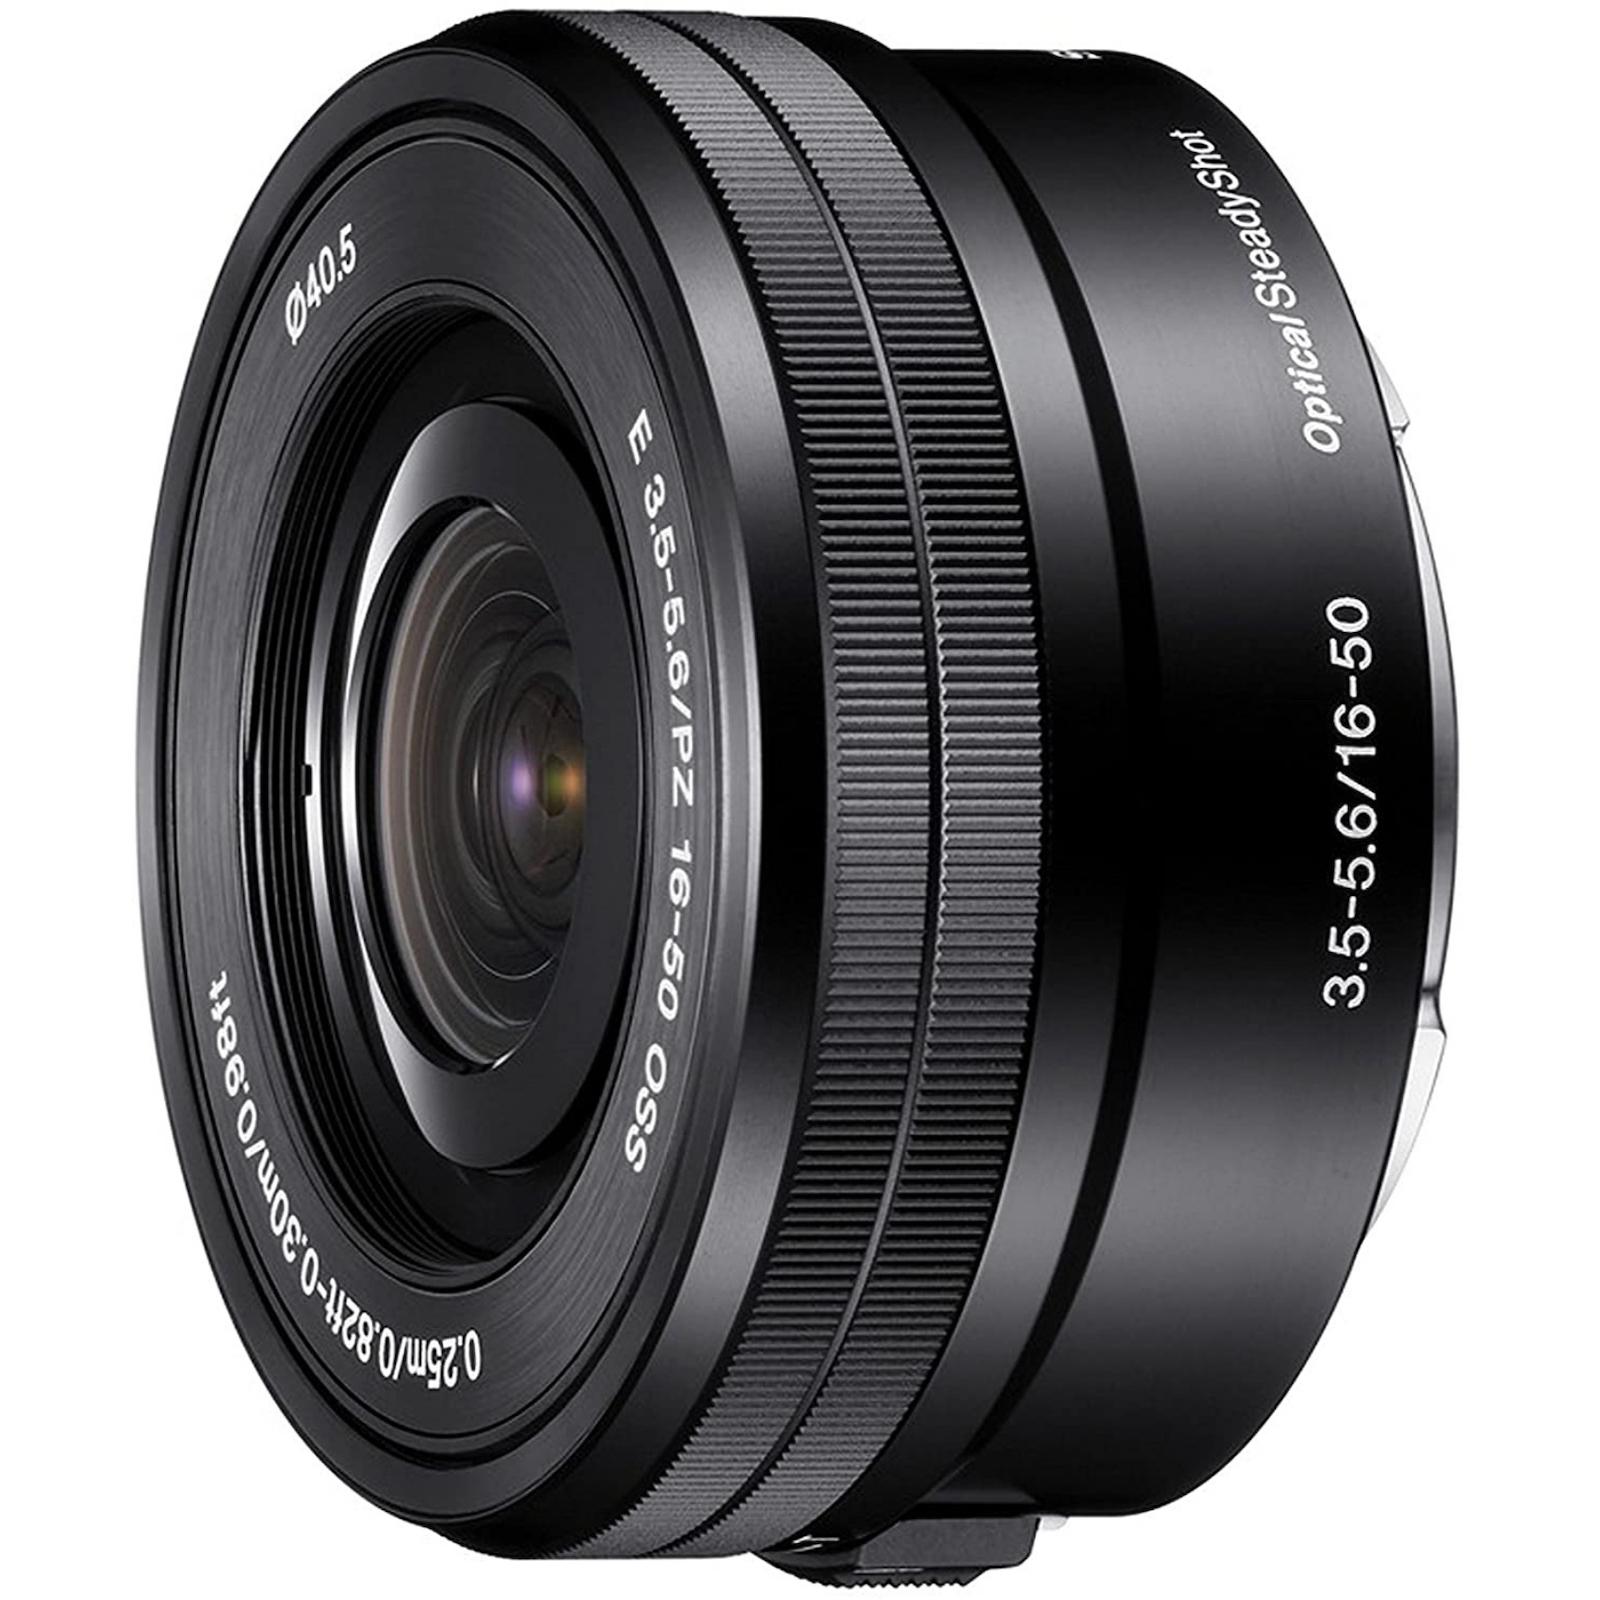 SONY ソニー 標準ズームレンズ E PZ 16-50mm F3.5-5.6 OSS ブラック SELP1650 Eマウント 新品 (簡易箱)